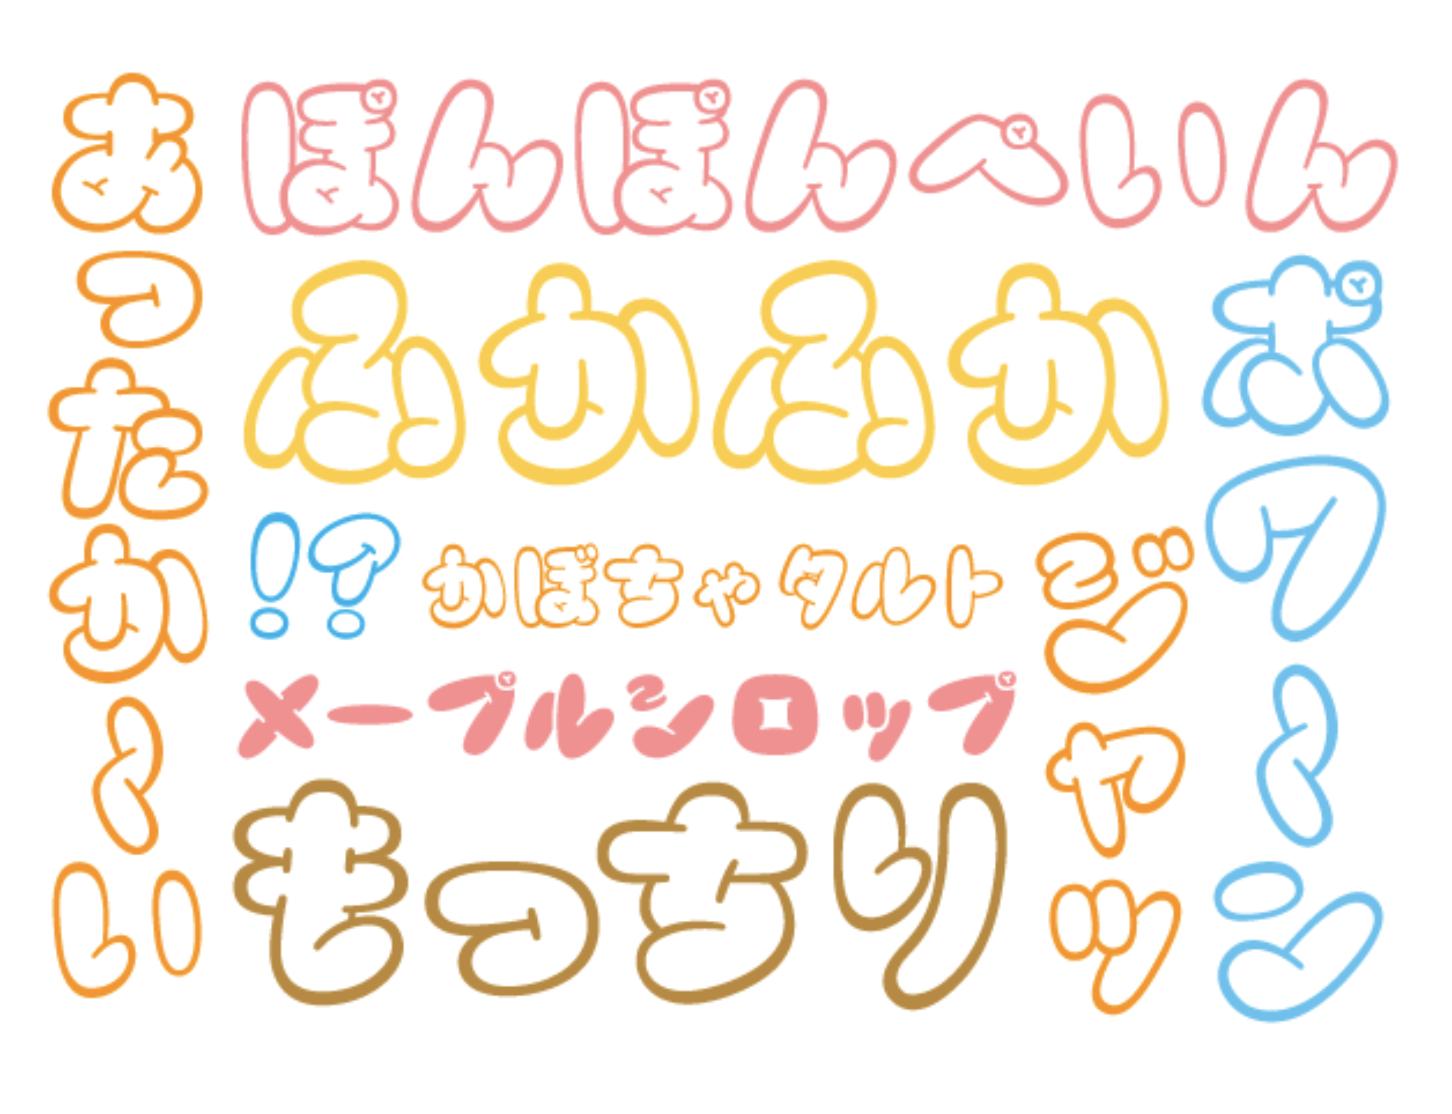 かわいいの日本語フリーフォント一覧 - 無料で使える日本語フォント投稿